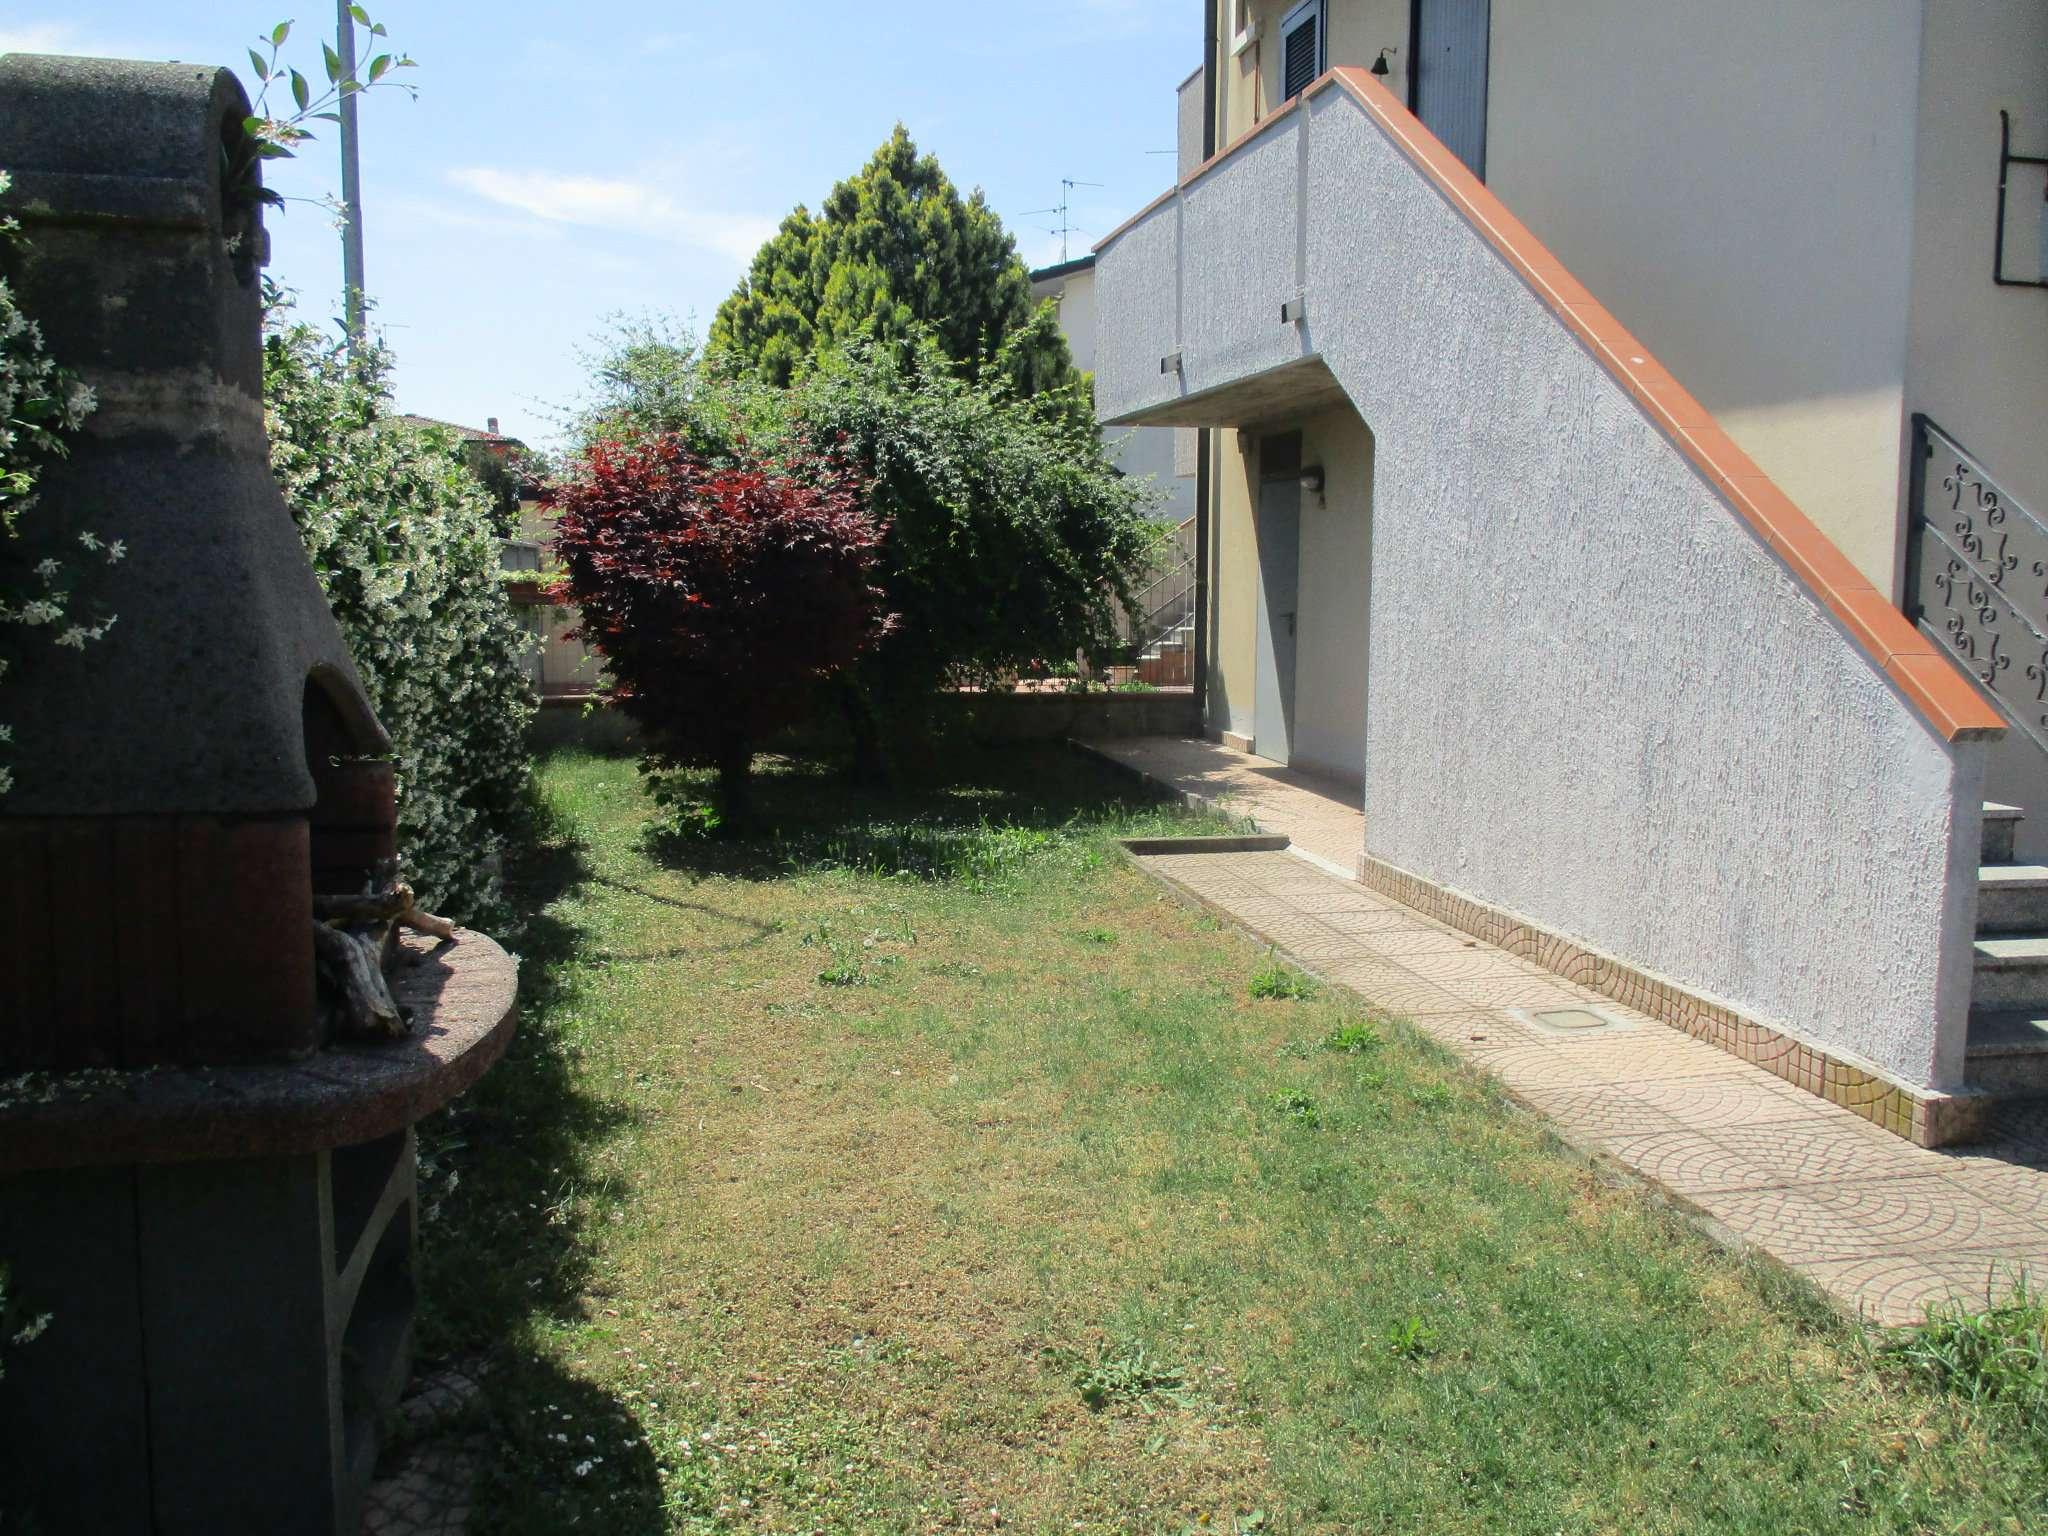 Villa in vendita a Camisano, 3 locali, prezzo € 150.000 | CambioCasa.it